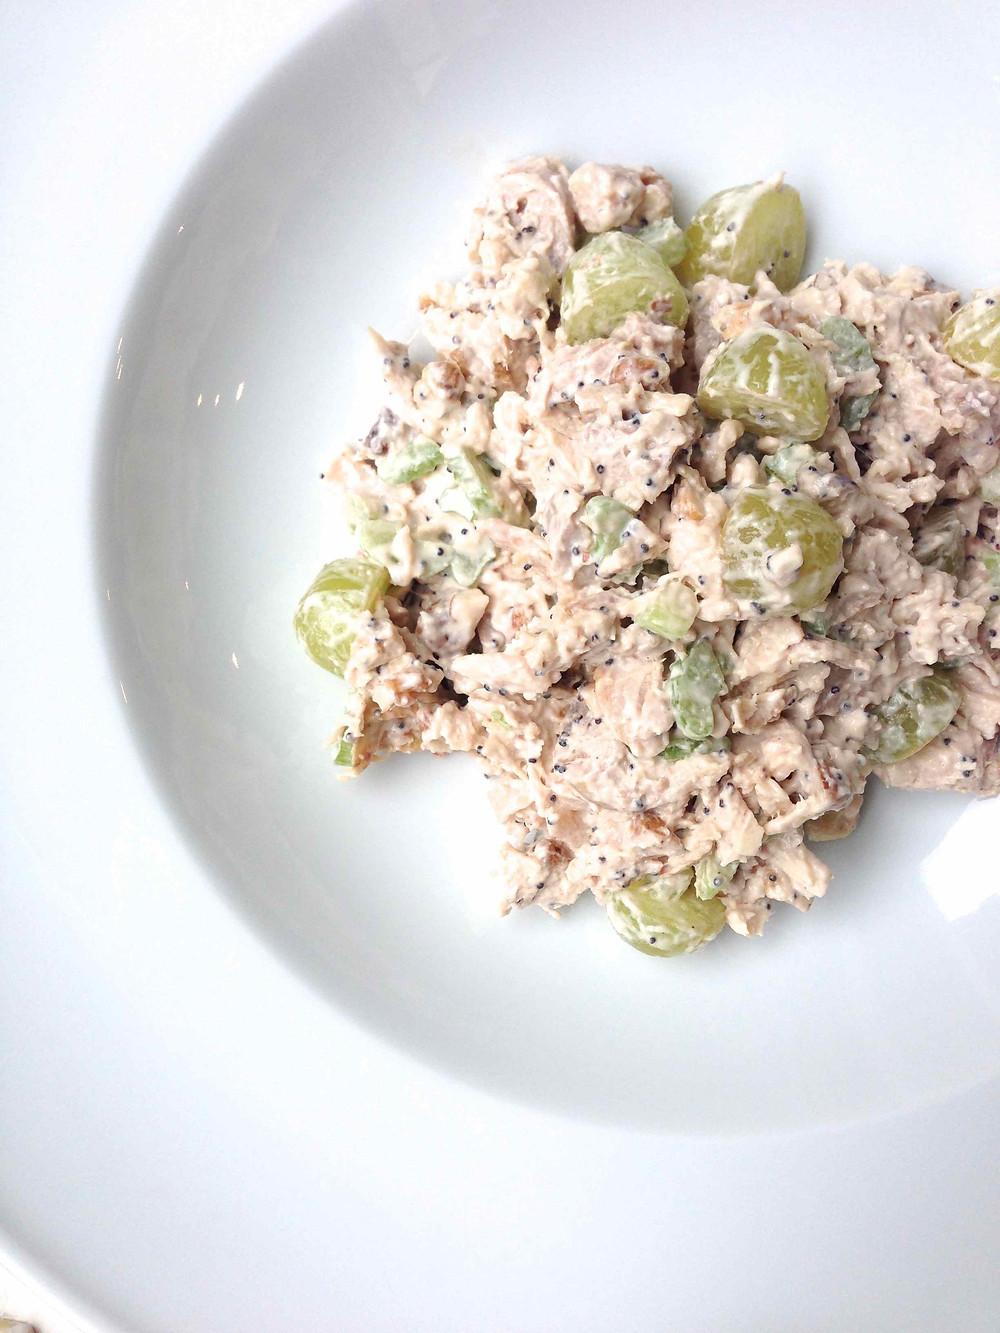 Sonoma Chicken Salad c2014 TRC 1.jpg